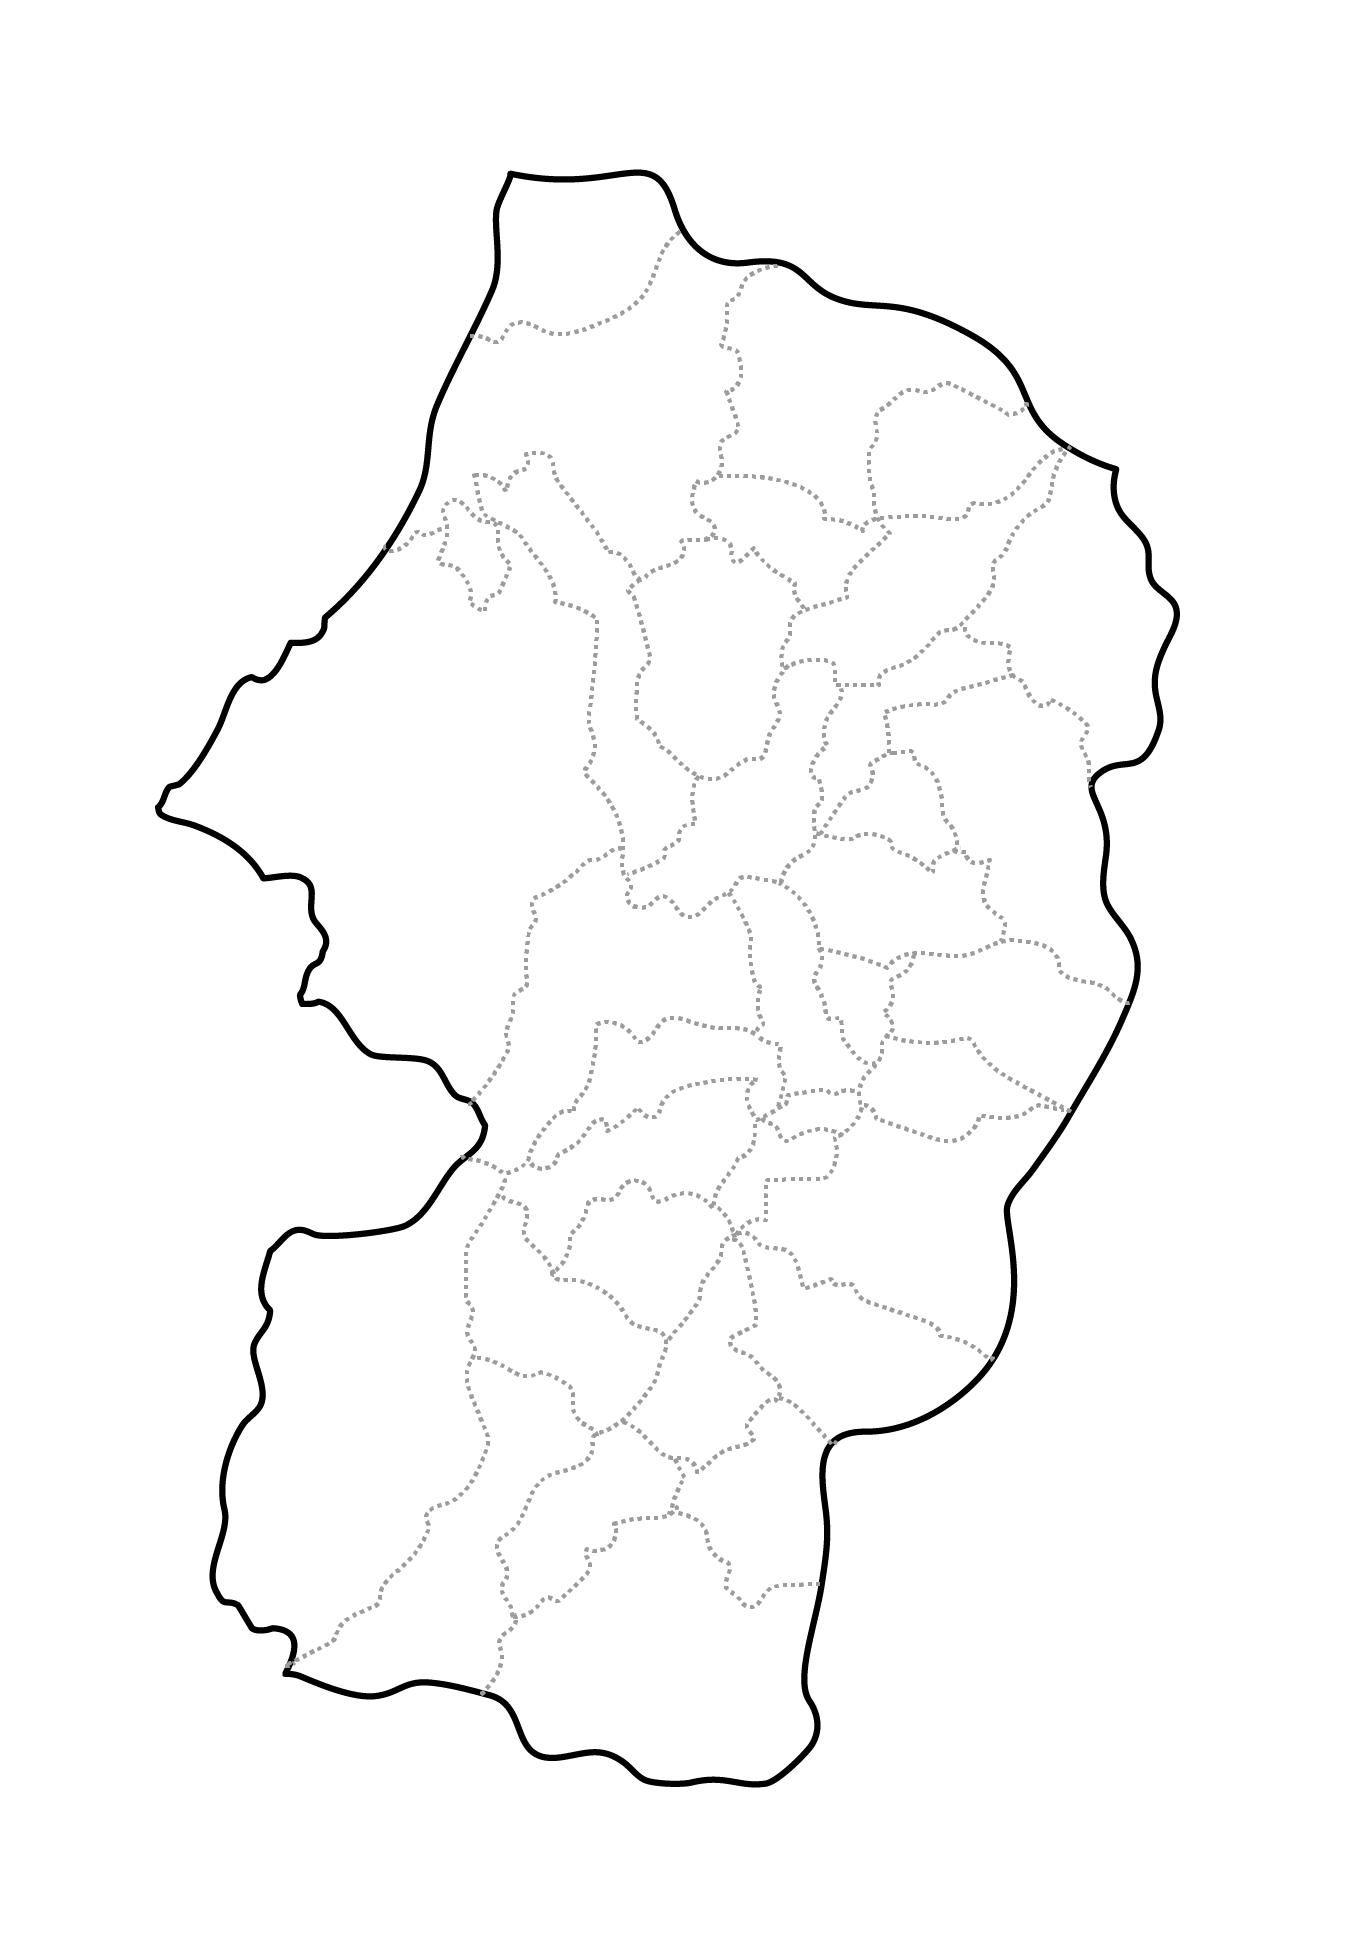 [白地図]山形県・ラインあり・市区町村名なし